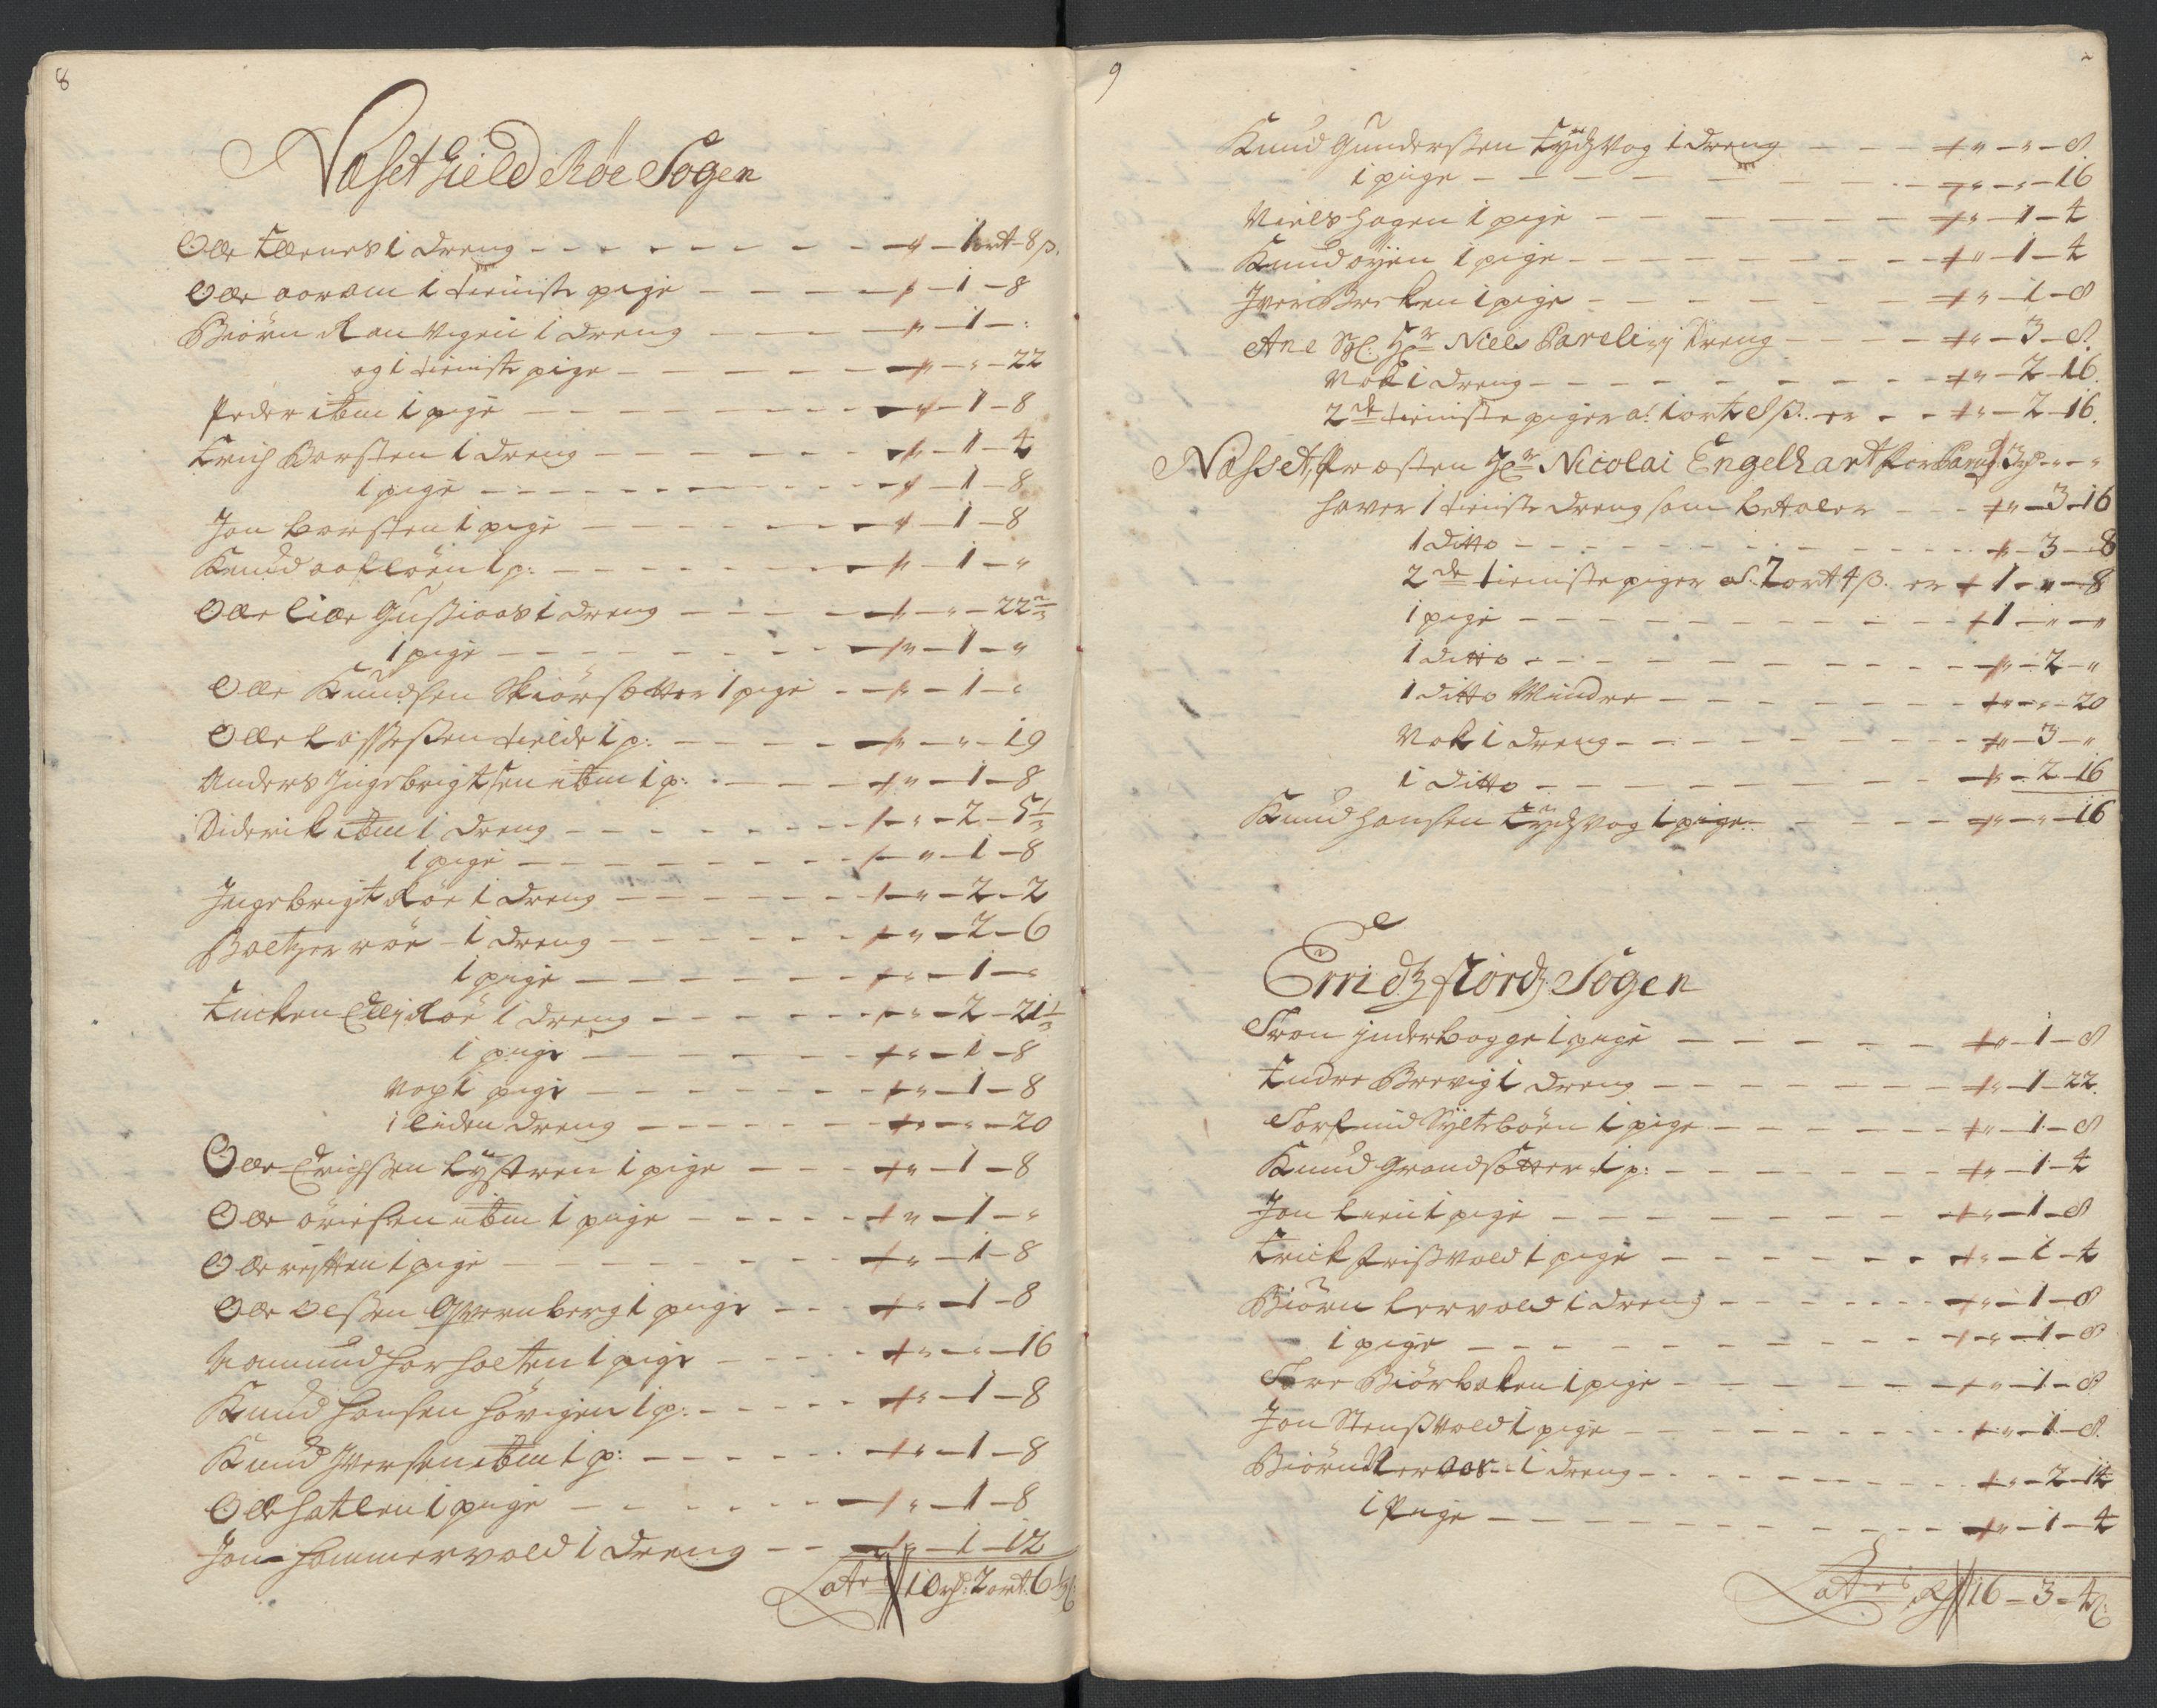 RA, Rentekammeret inntil 1814, Reviderte regnskaper, Fogderegnskap, R55/L3660: Fogderegnskap Romsdal, 1711, p. 135